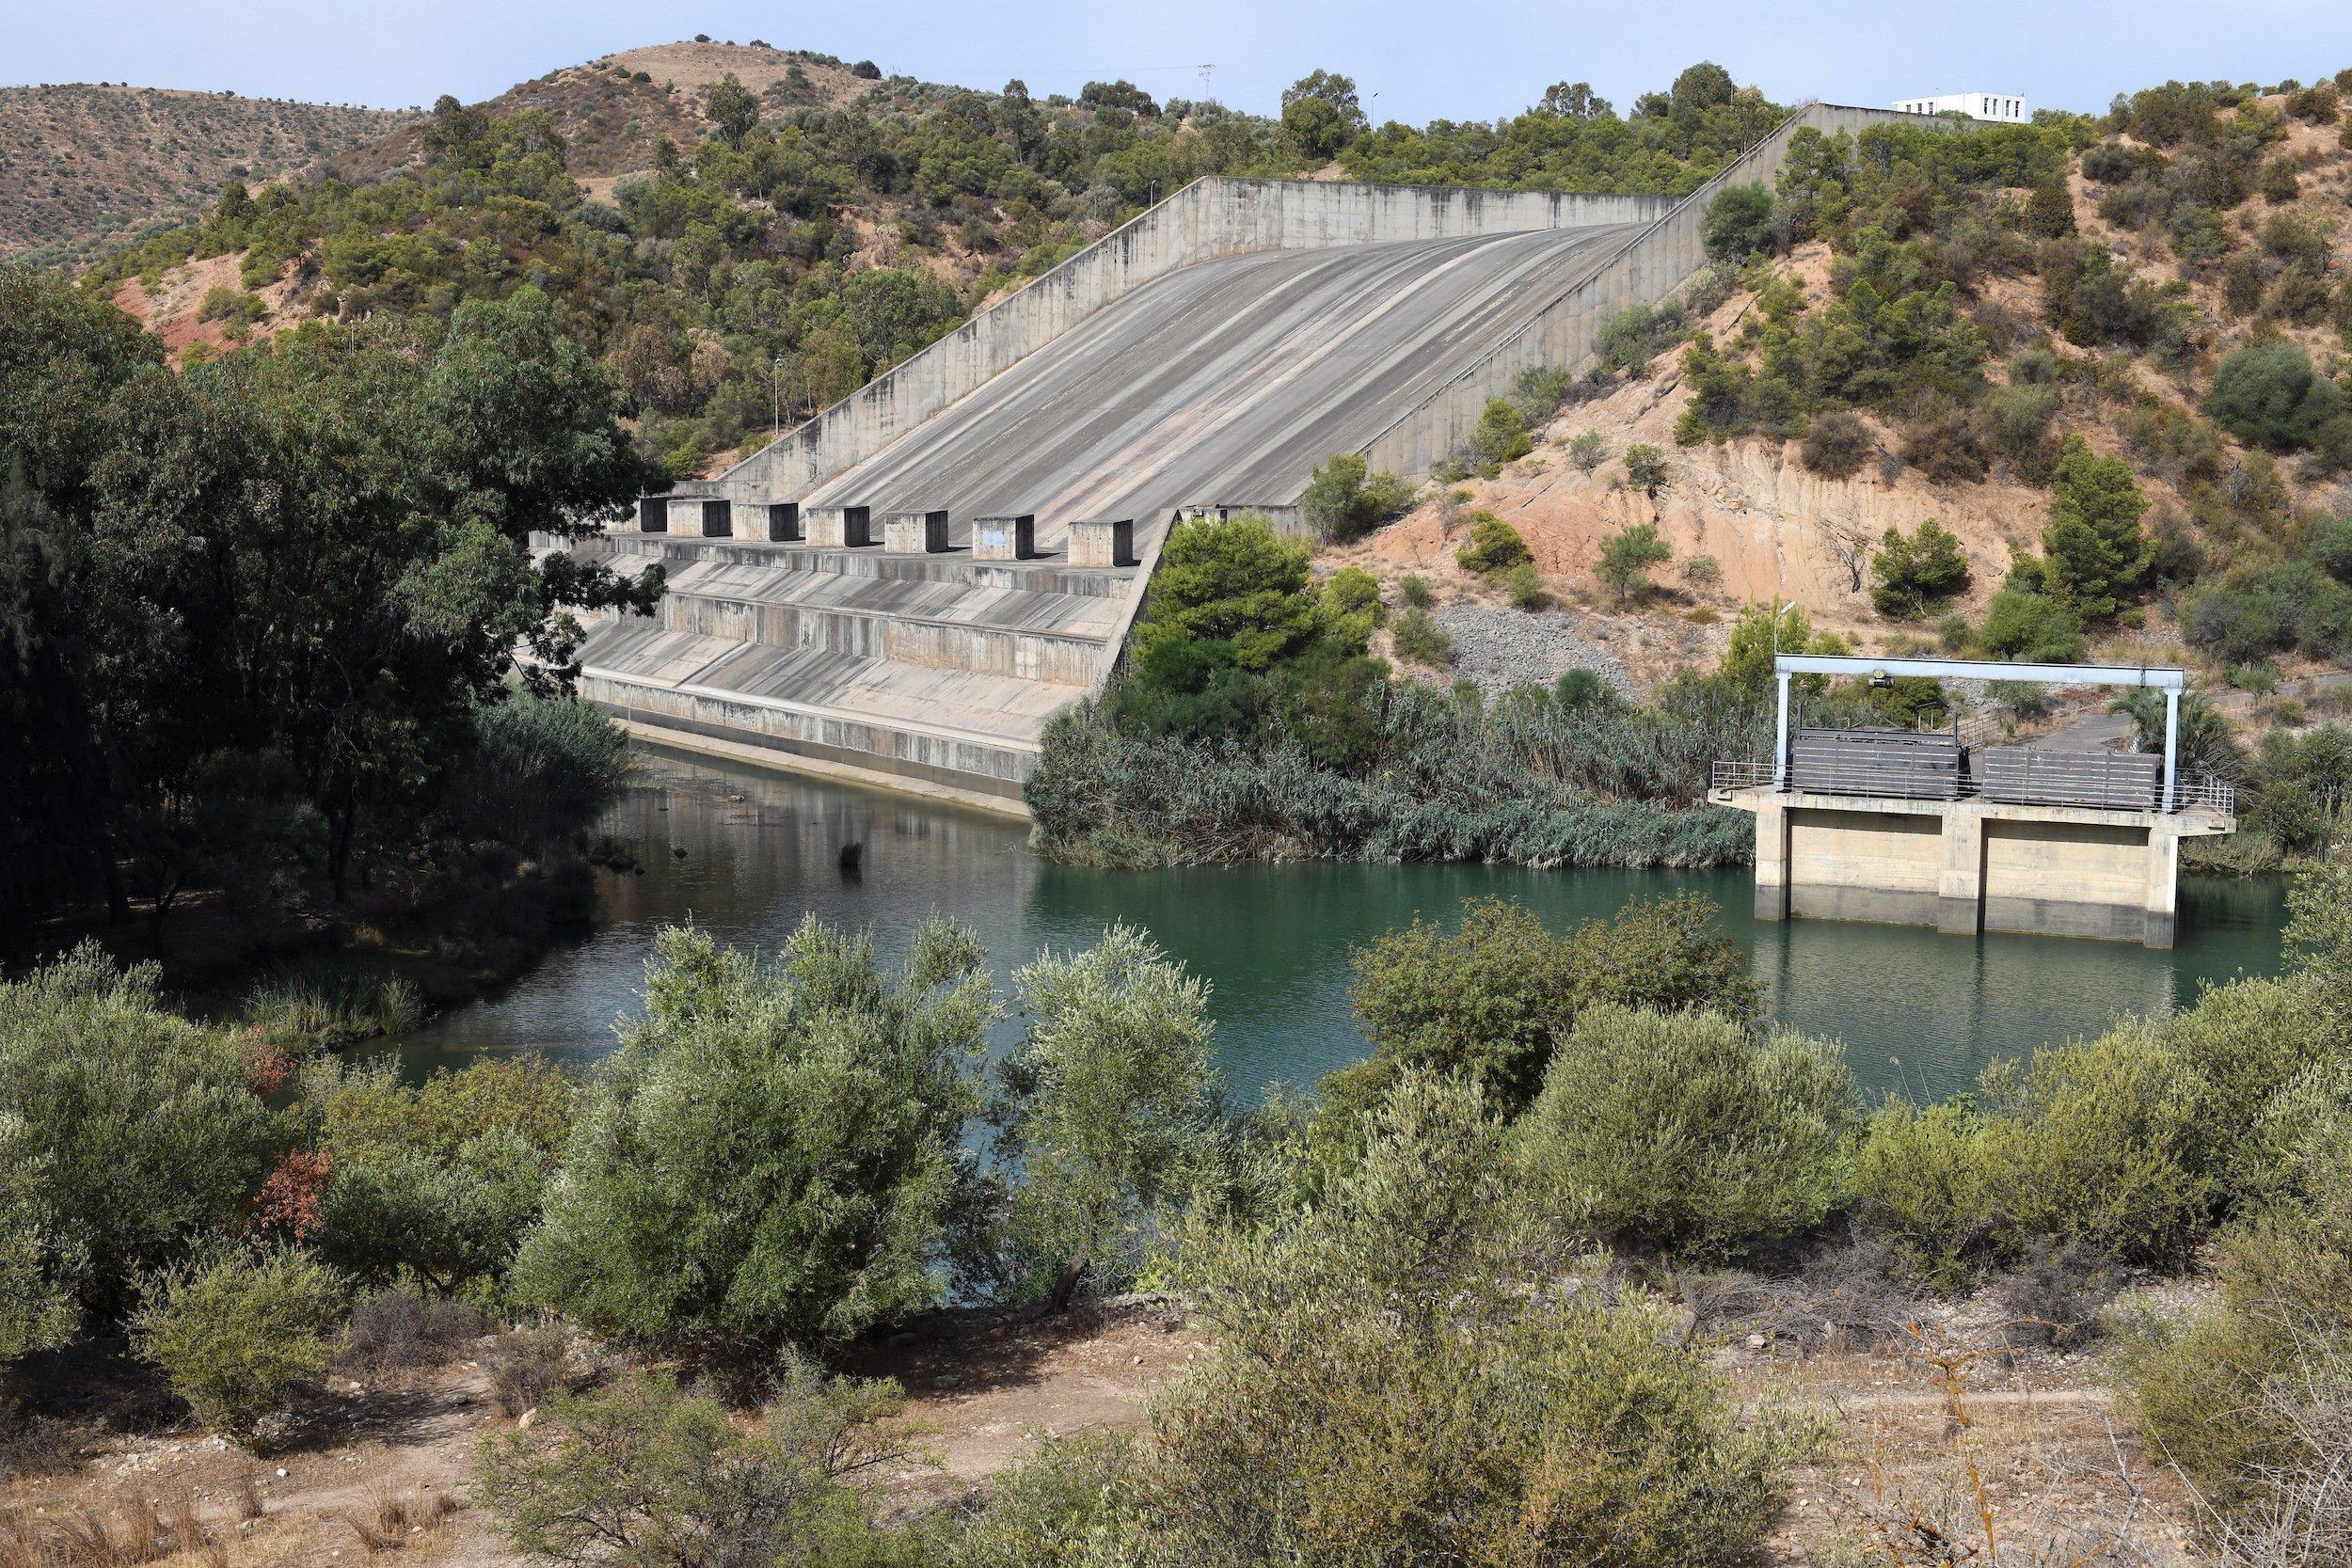 Ablauf des Staudamms von unten gesehen